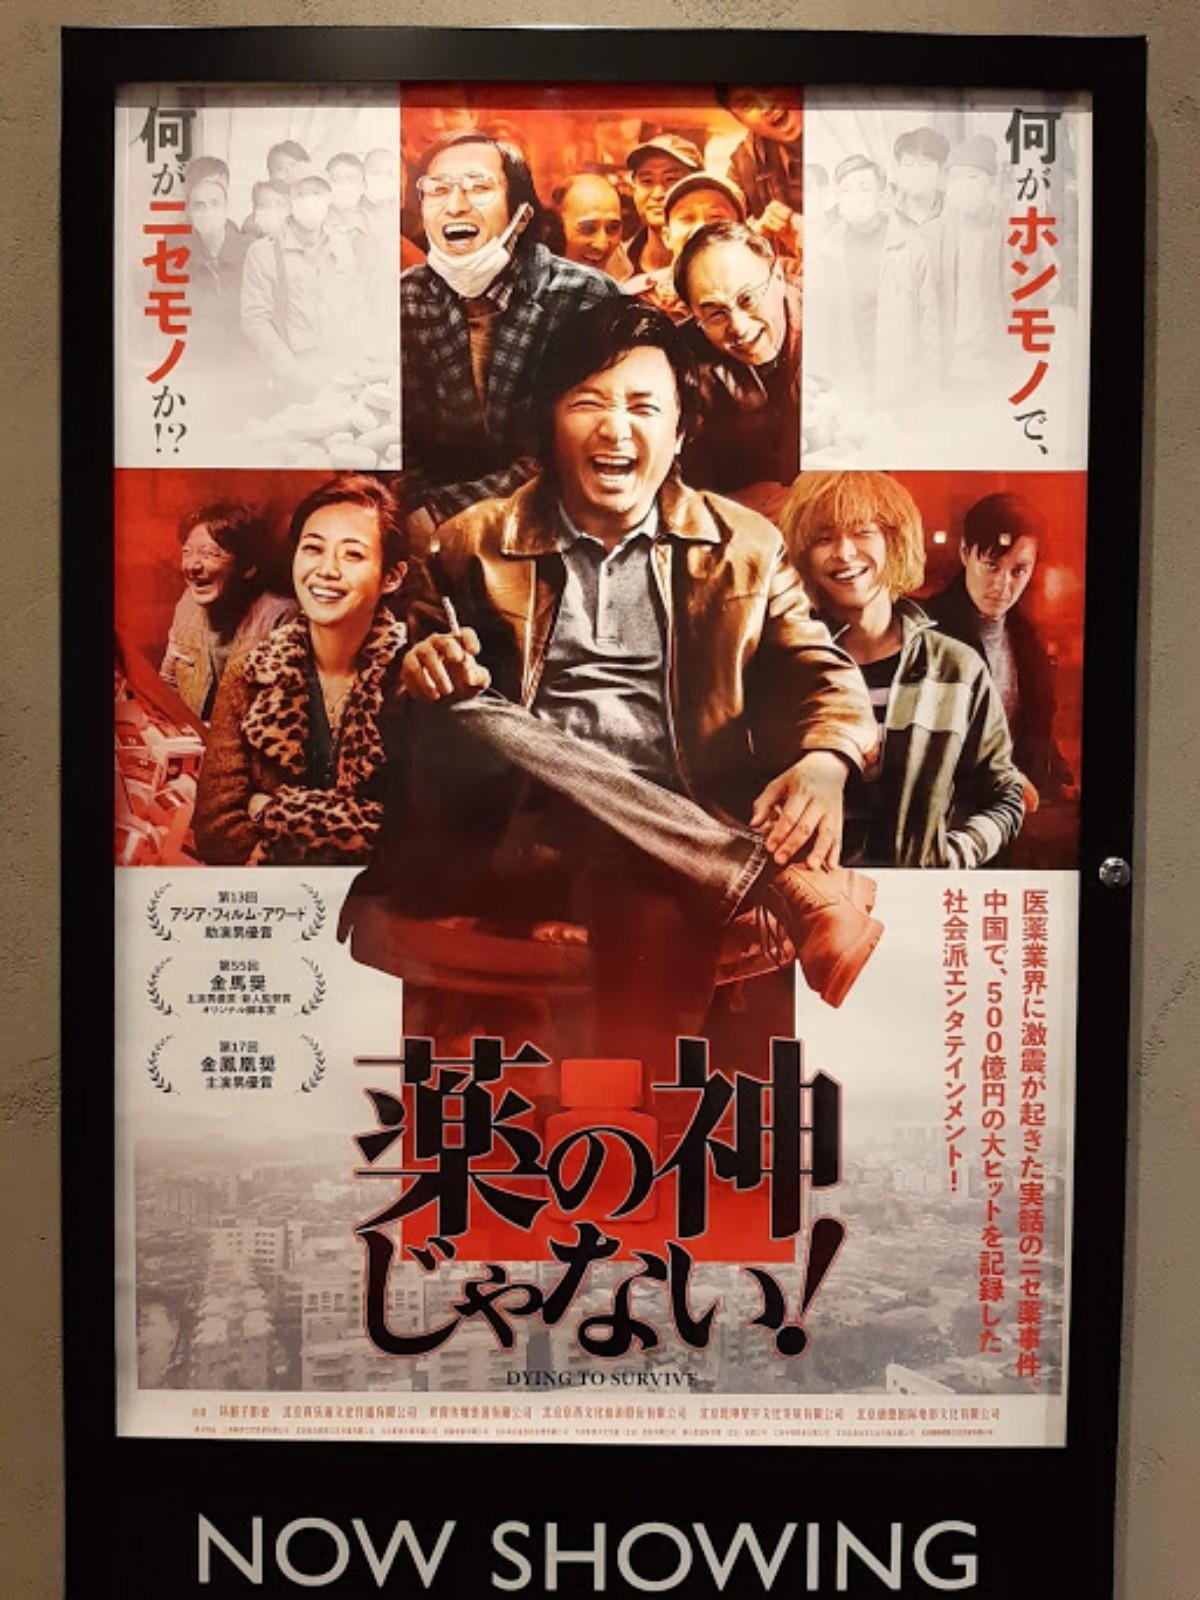 映画『薬の神じゃない』の中国